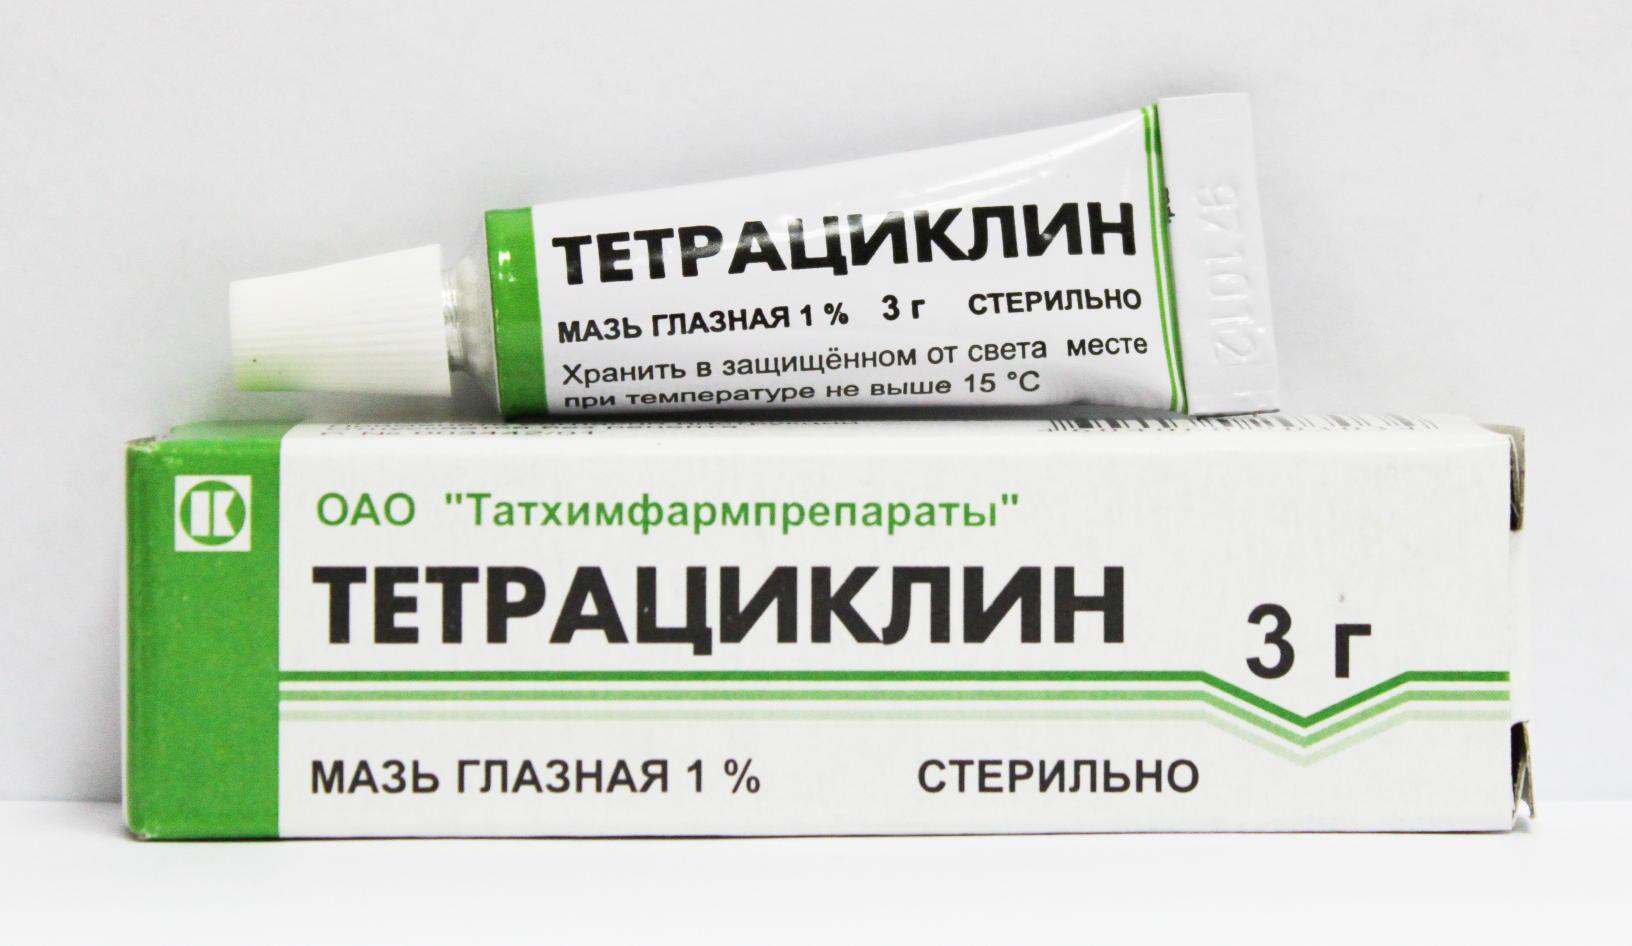 Тетрациклиновая глазная мазь для детей